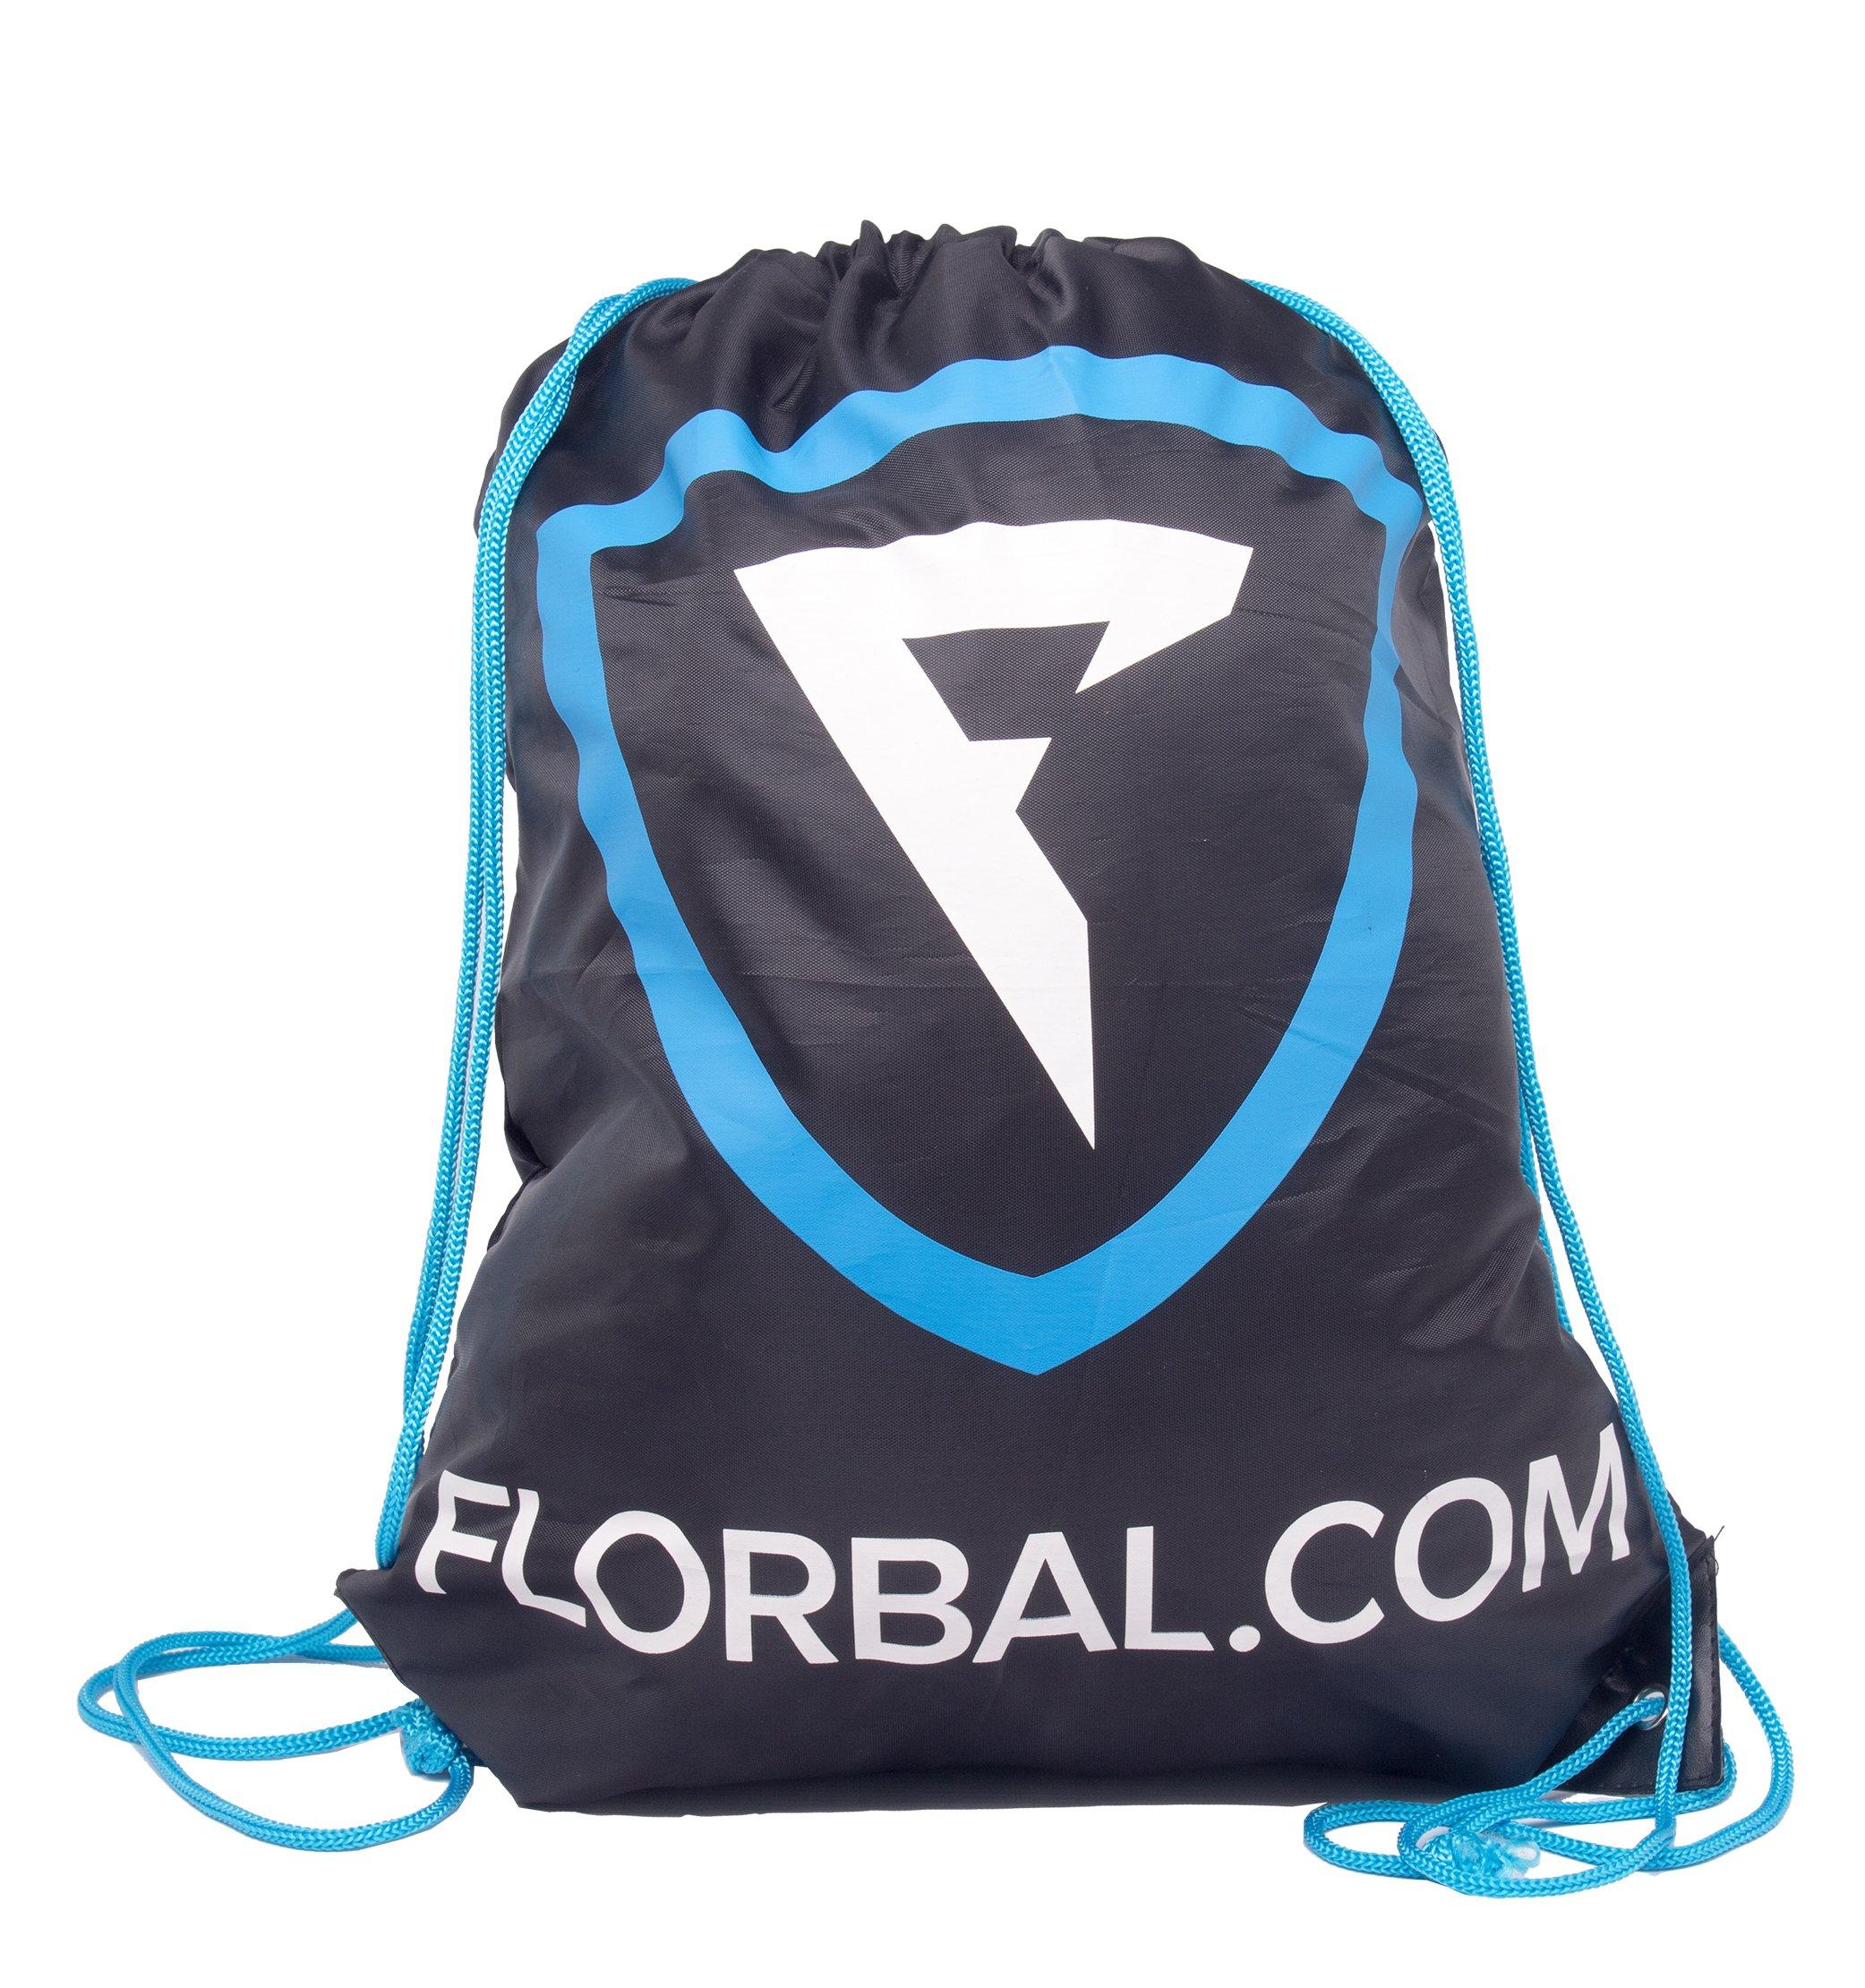 Florbal.com FBC Gymsack černá